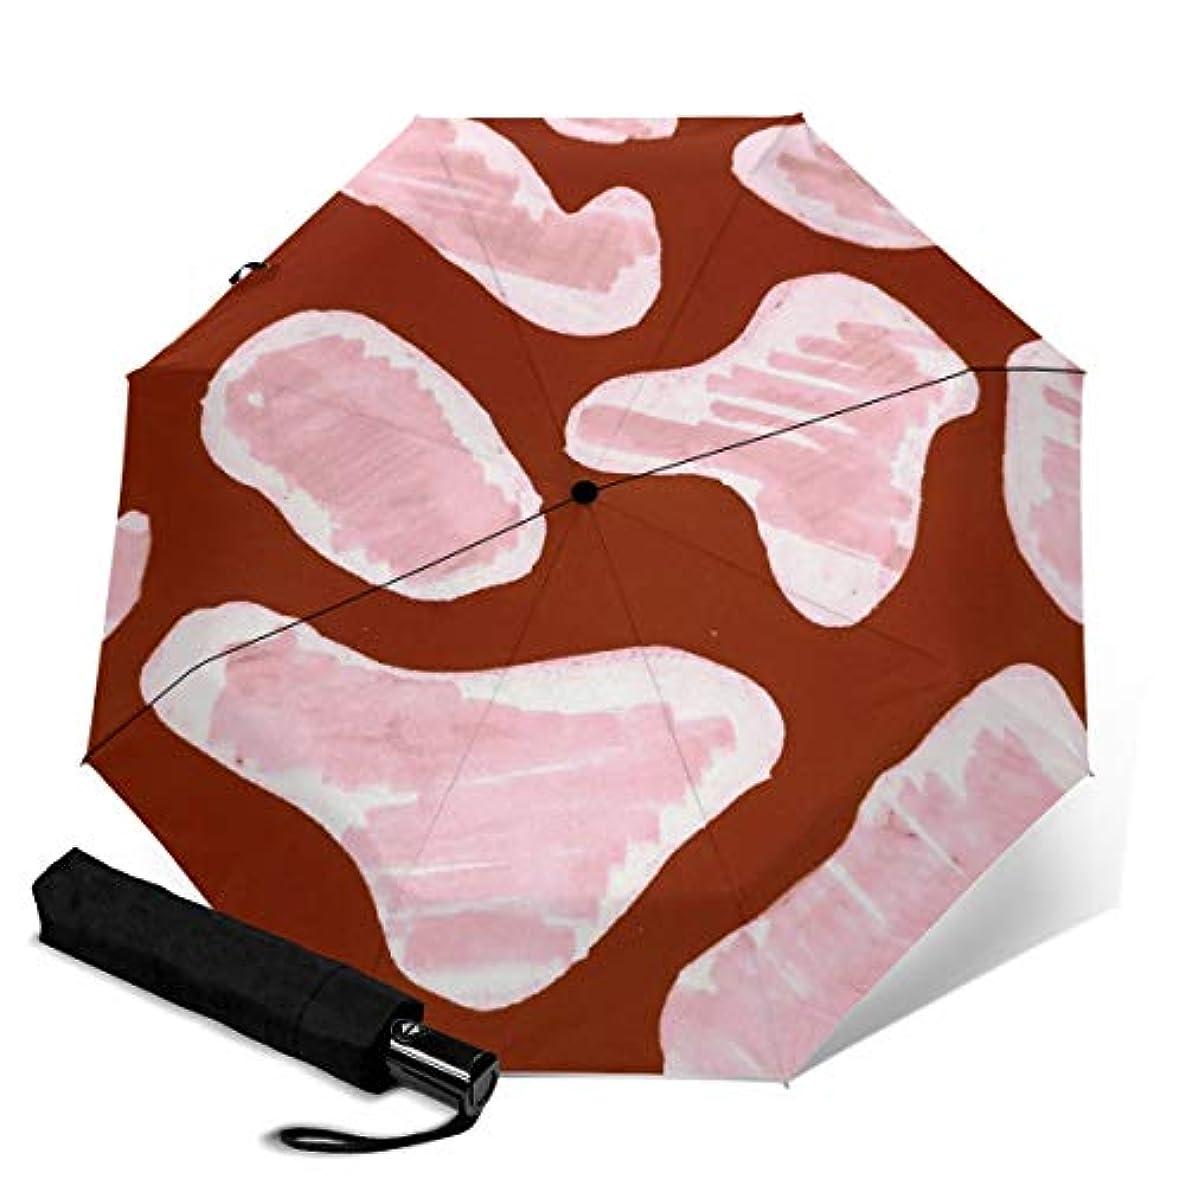 計画的大気サーキットに行く(プタス)Putars メイクブラシ メイクブラシセット 4本セット 17-18cm アイメイク 化粧ブラシ ふわふわ お肌に優しい 毛量たっぷり メイク道具 プレゼント